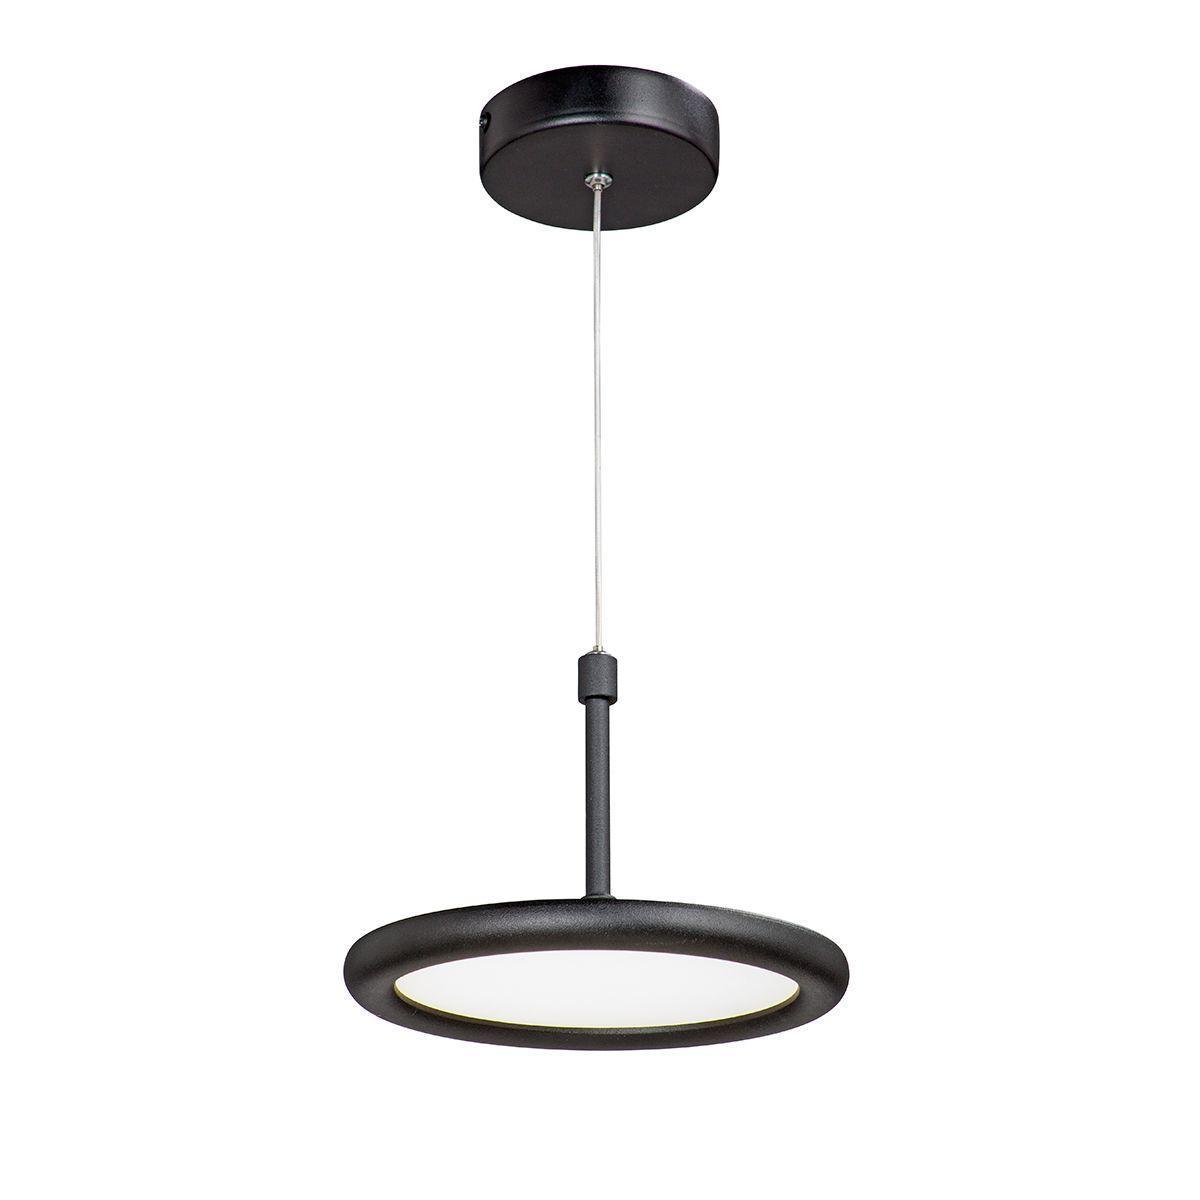 Подвесной светодиодный светильник Vitaluce V4604-1/1S подвесной светильник vitaluce v4168 1 1s